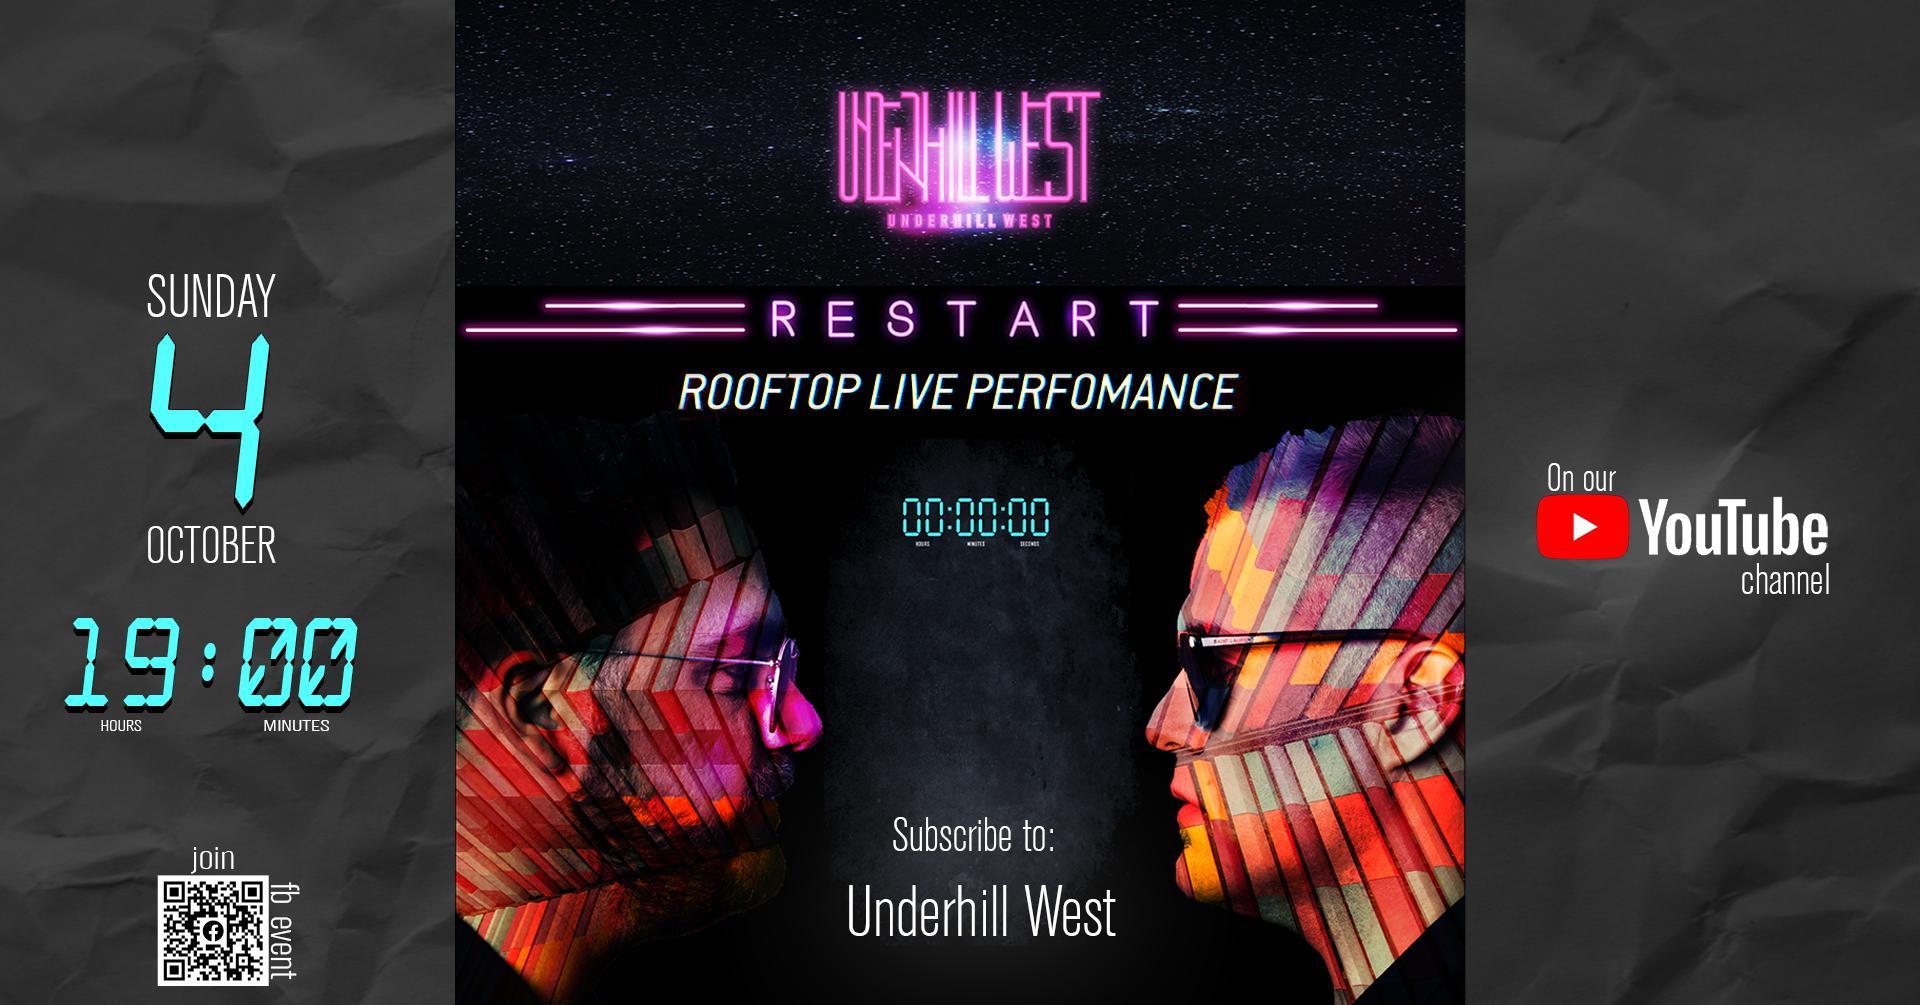 Οι Underhill West παρουσιάζουν online τον νέο τους δίσκο